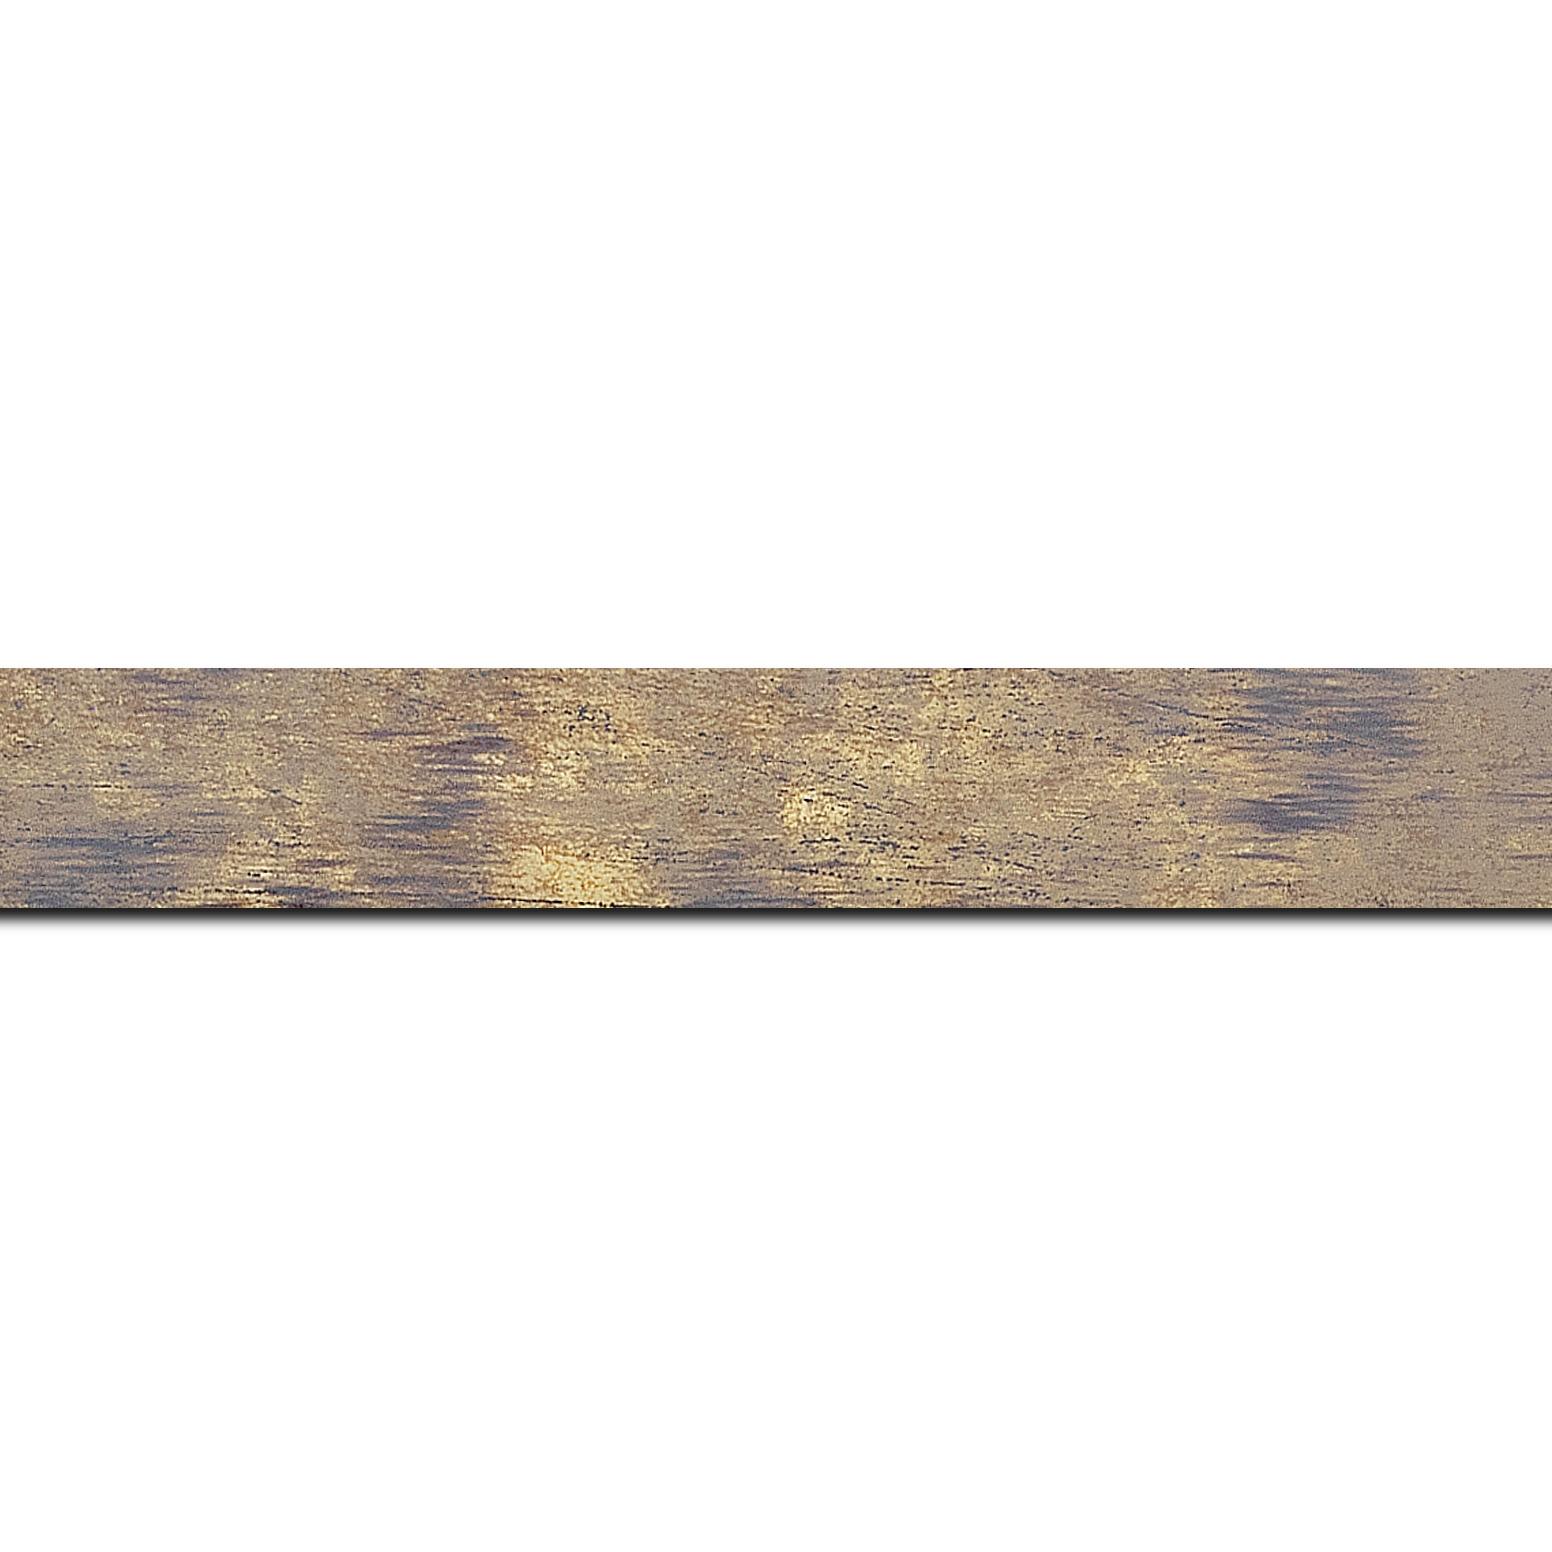 Baguette longueur 1.40m bois profil concave largeur 2.4cm de couleur terre patiné fond or